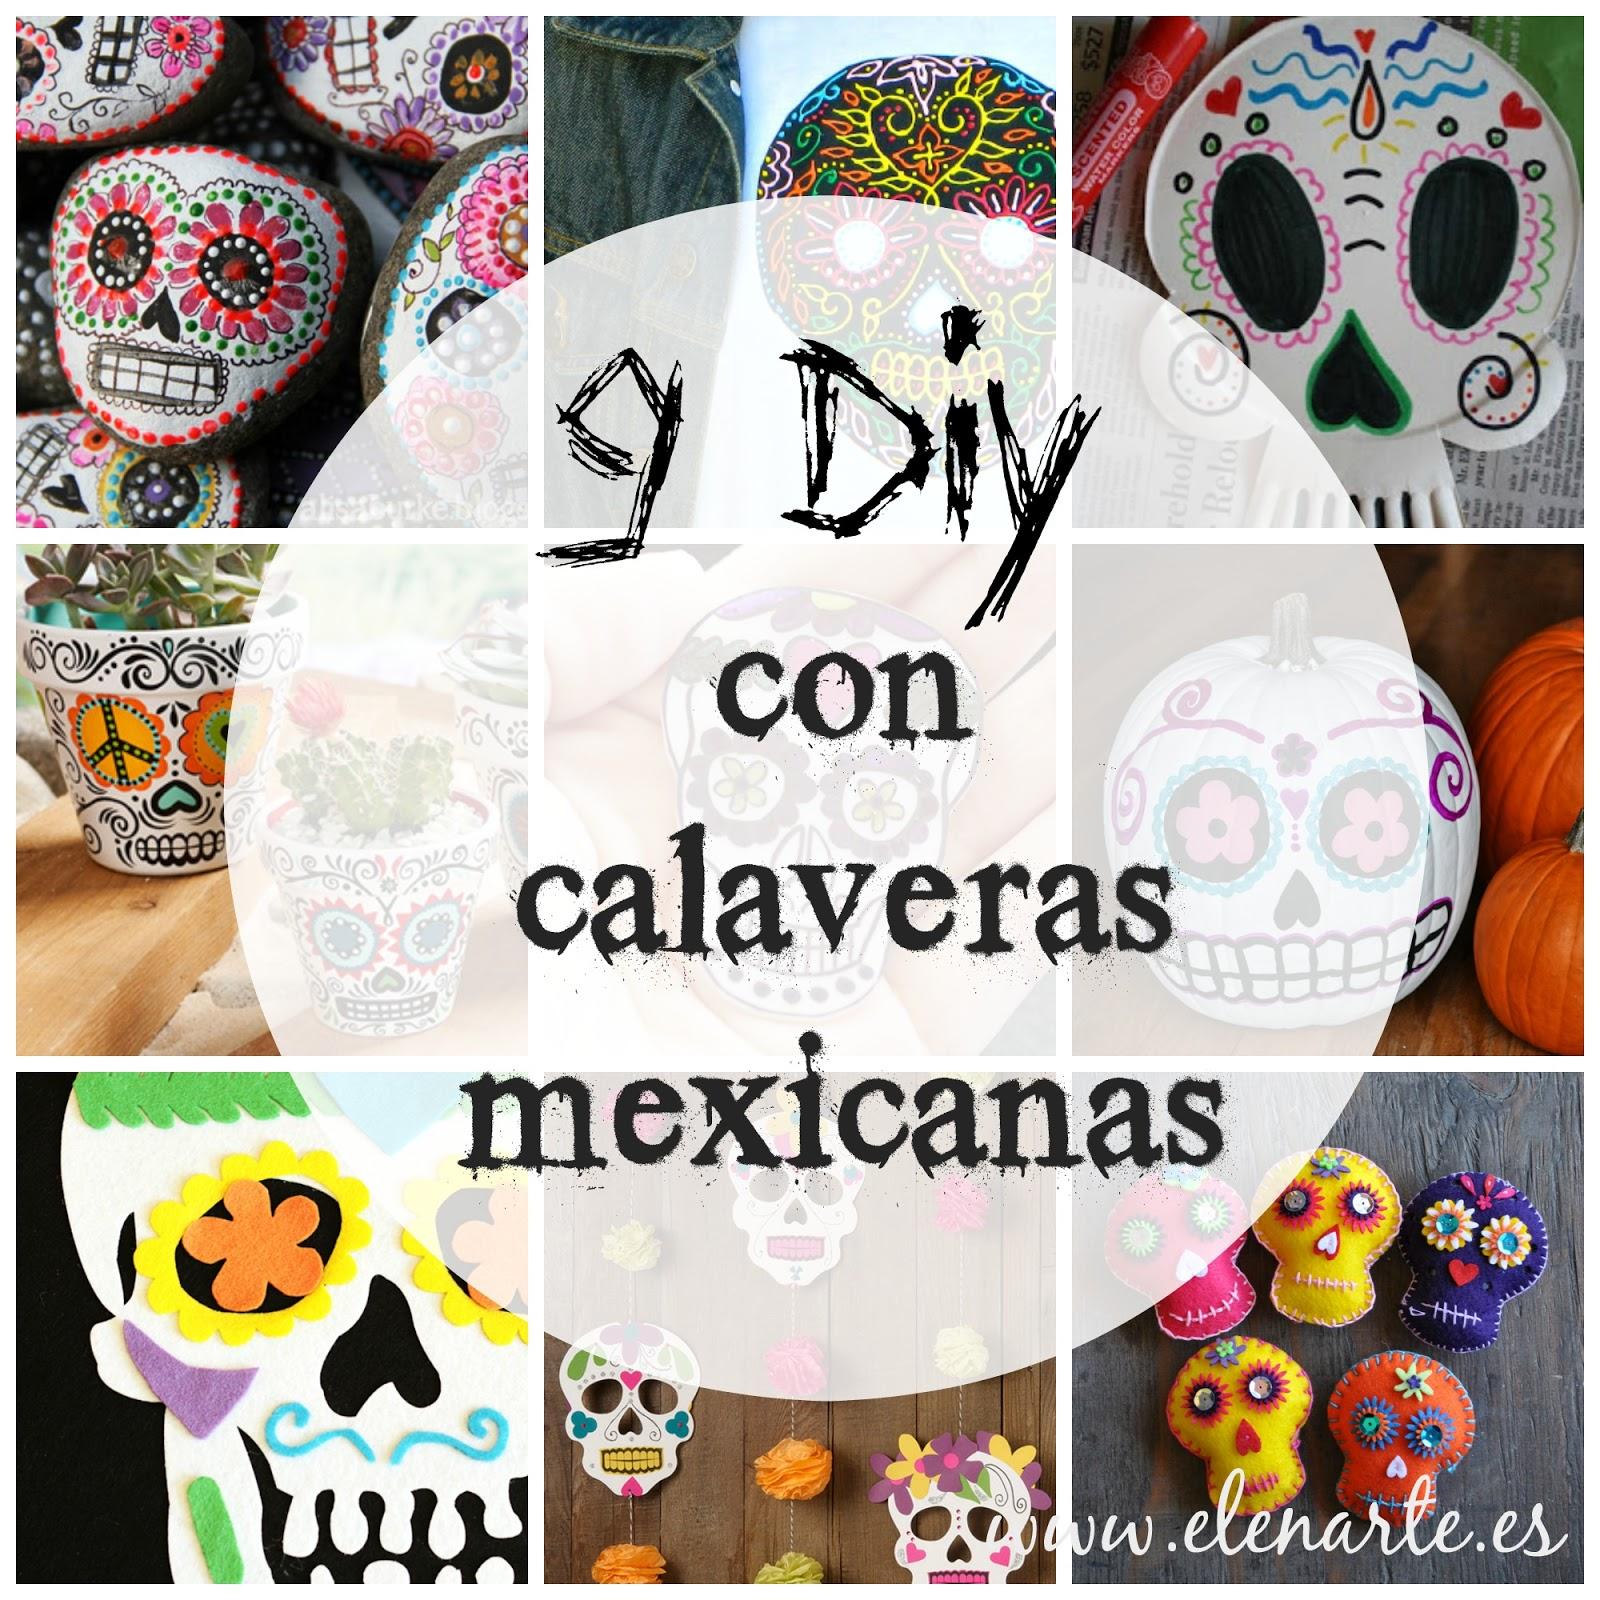 9 Diy Con Calaveras Mexicanas Handbox